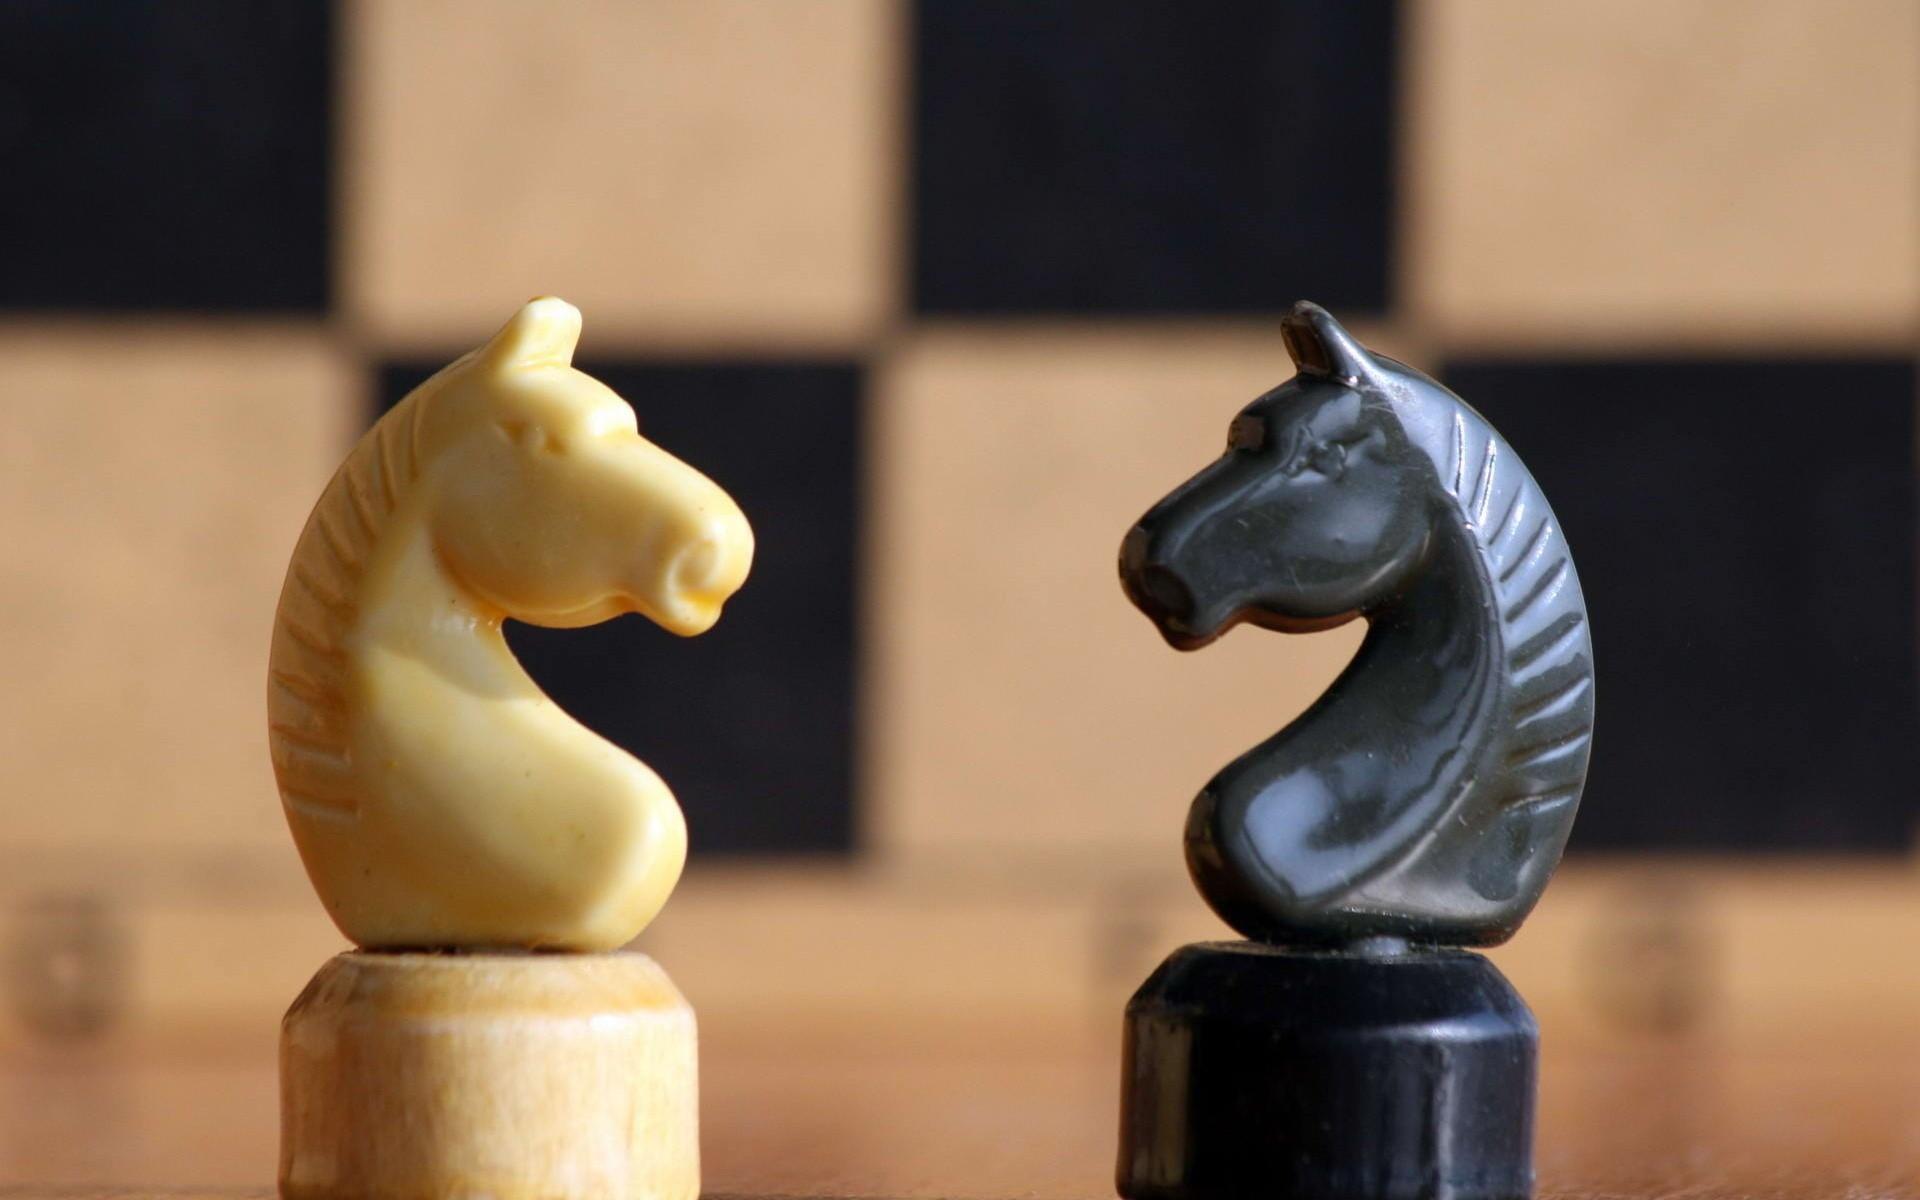 Caballos de ajedrez - 1920x1200